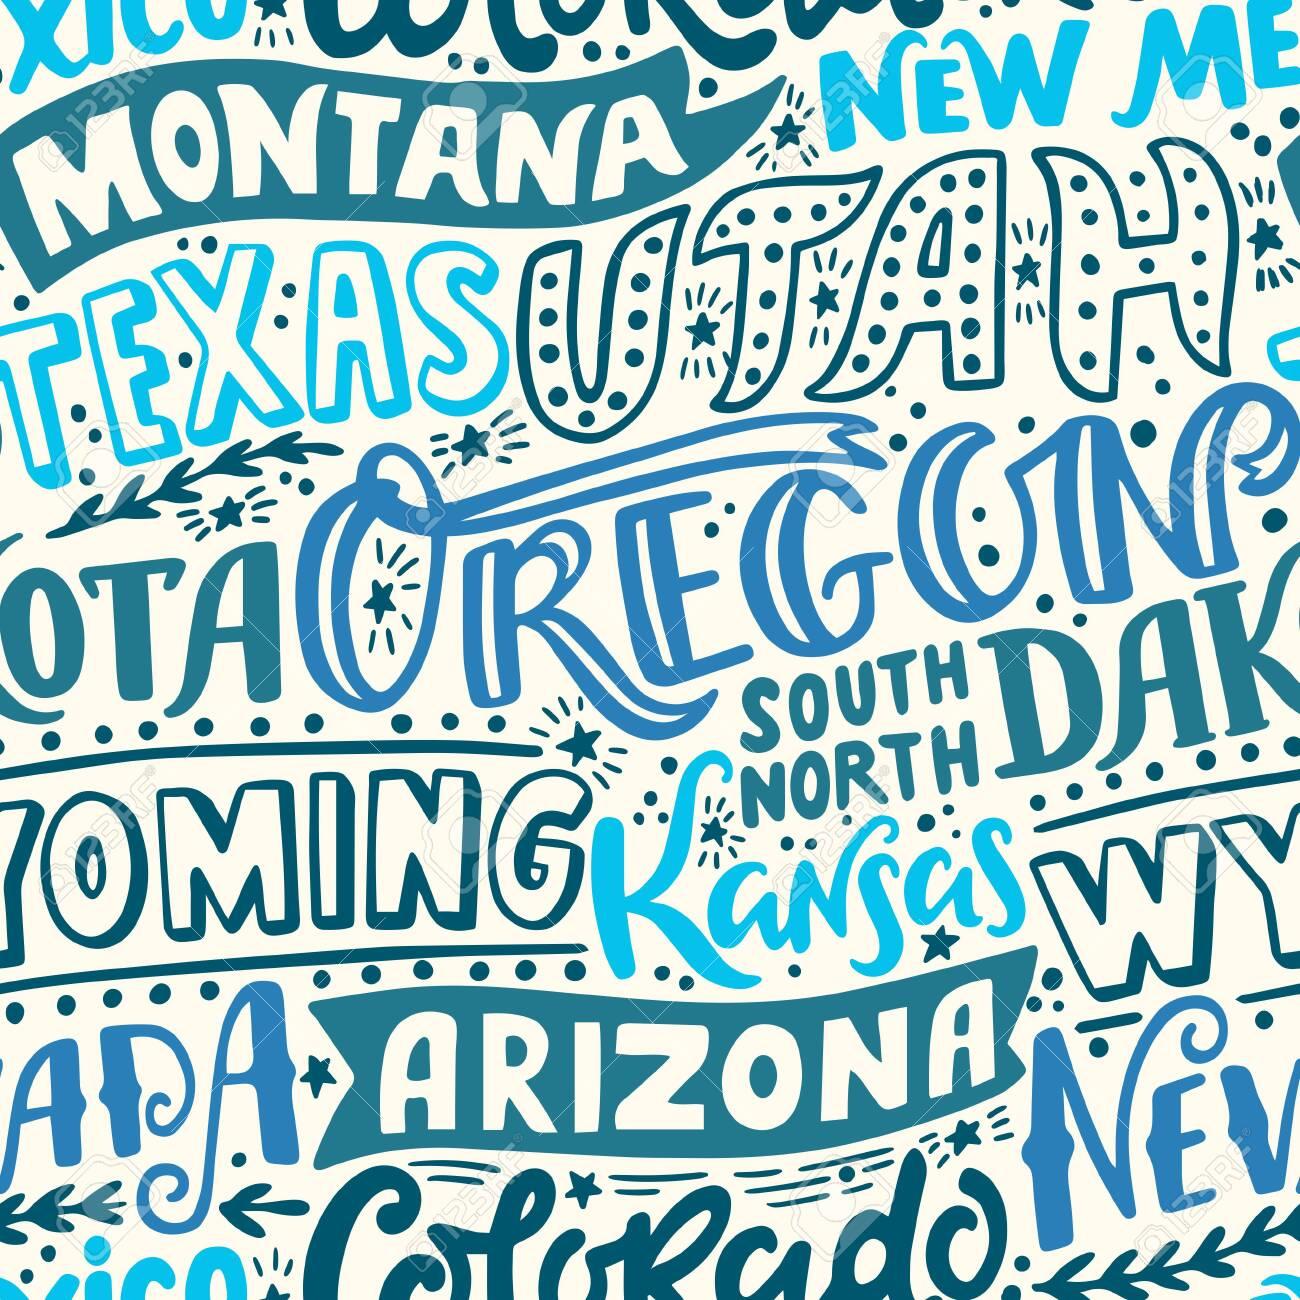 Vector seamless pattern with USA states. Oregon, Utah, Montana, New Mexico, Texas, Dakota, Wyoming, Kansas, Arizona, Nevada, Colorado - 149823749